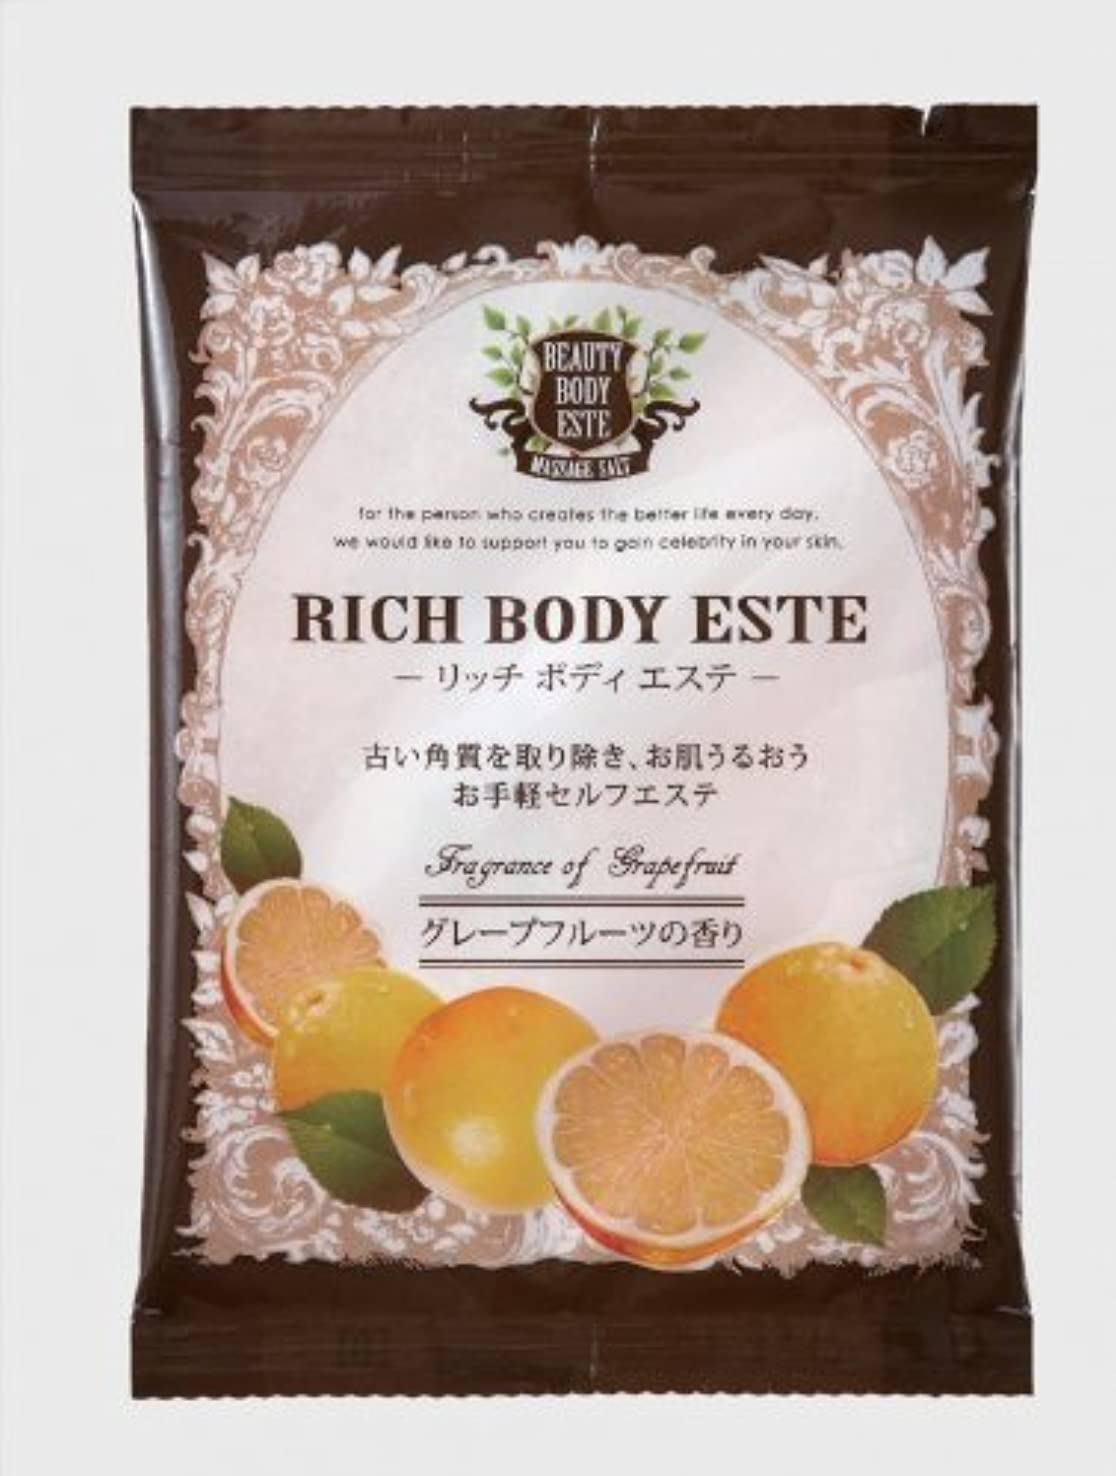 リッチボディエステ マッサージソルト(グレープフルーツの香り)50g (フラワー系)